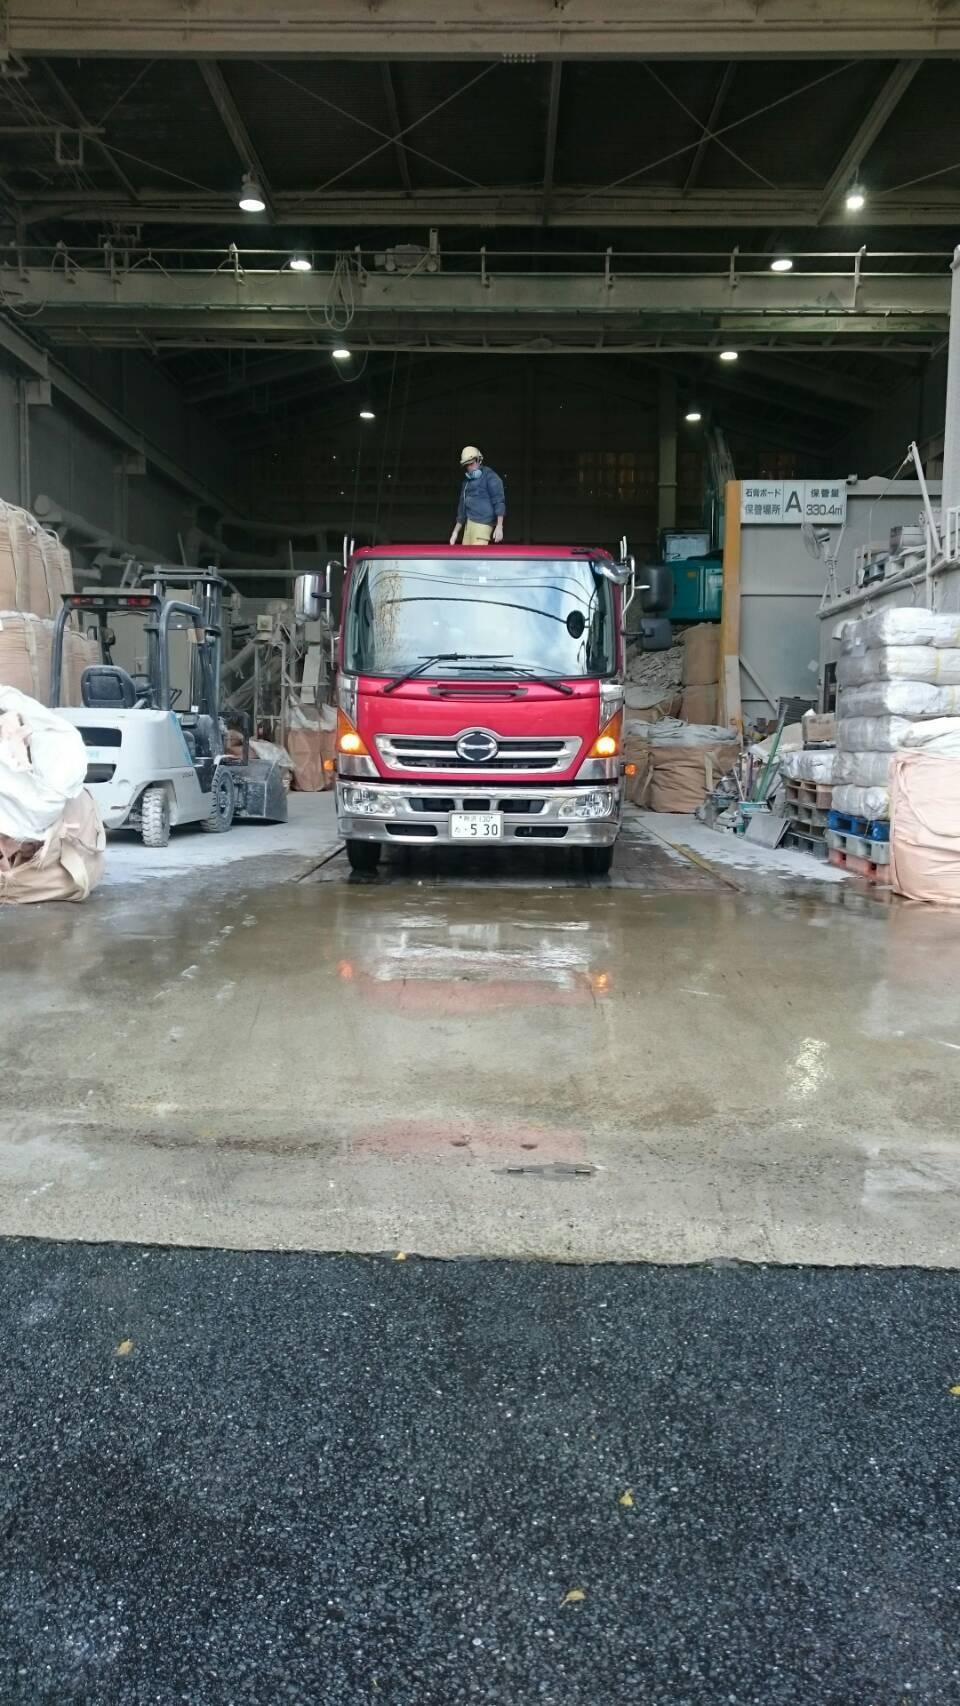 【産業廃棄物の搬入】石膏ボードの搬入を行った事例を紹介します。